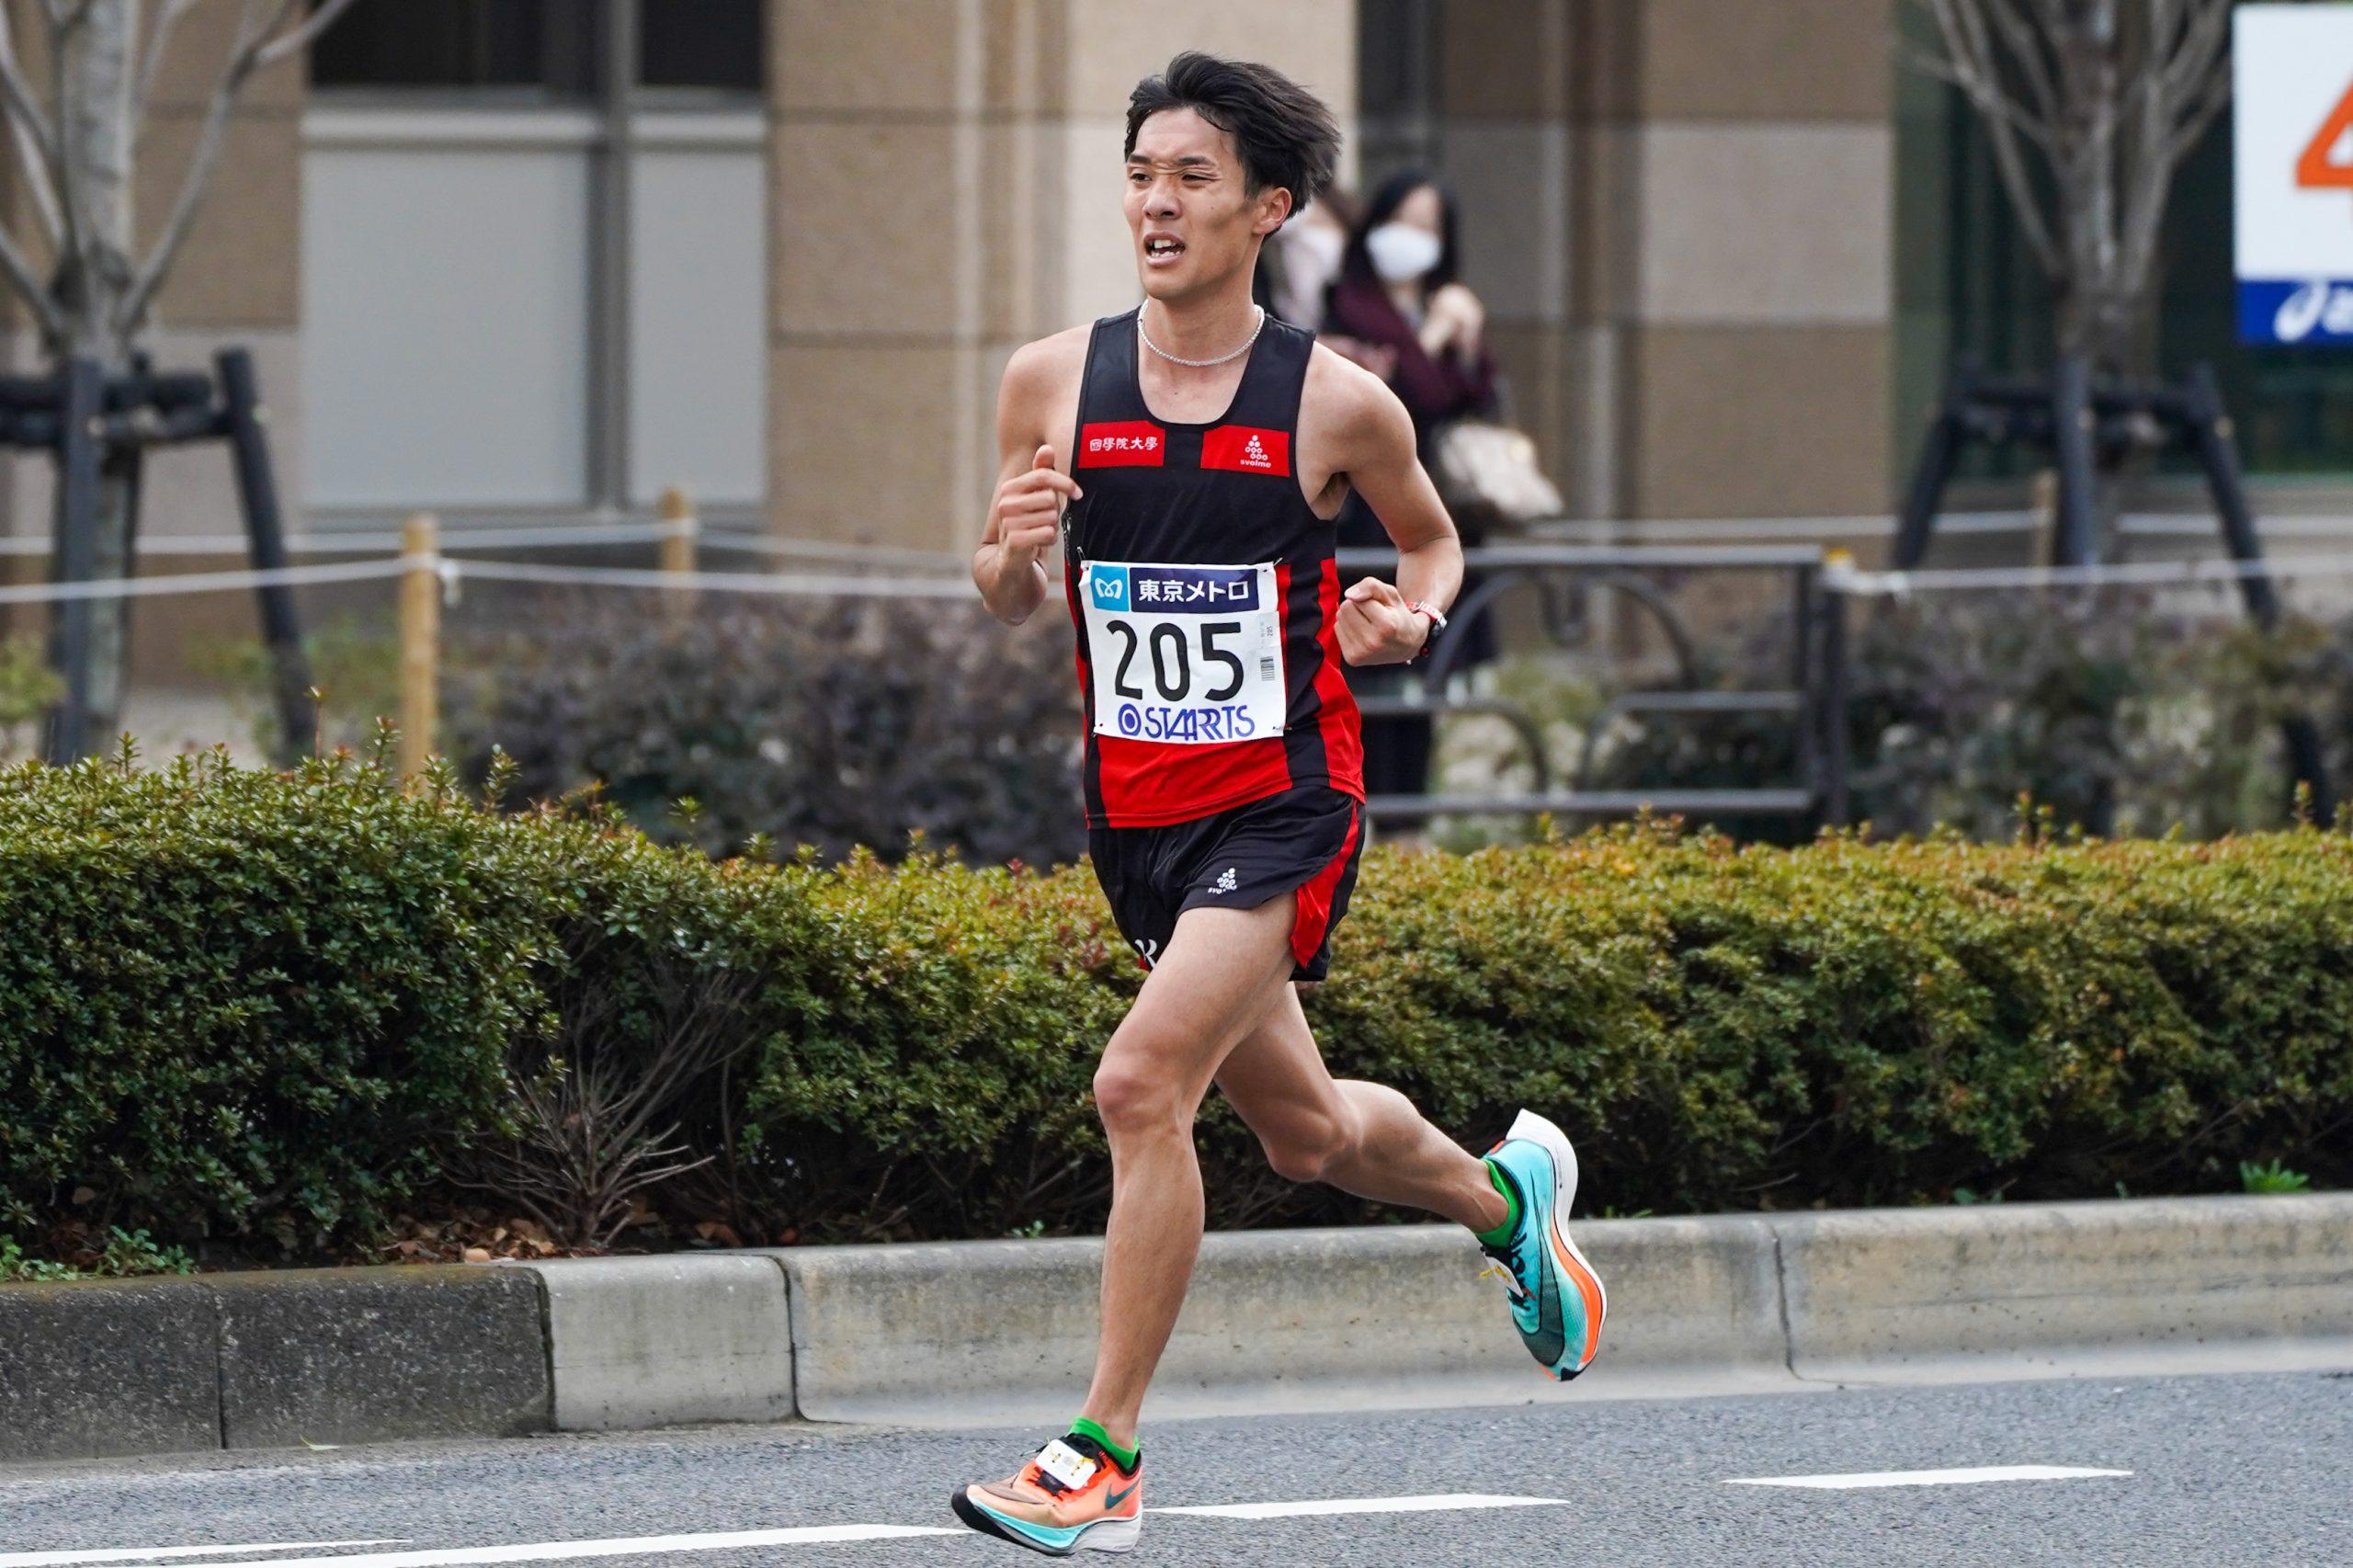 東京マラソンでサブテンを達成した土方英和 國學院大のエースから97年世代を牽引する選手へ